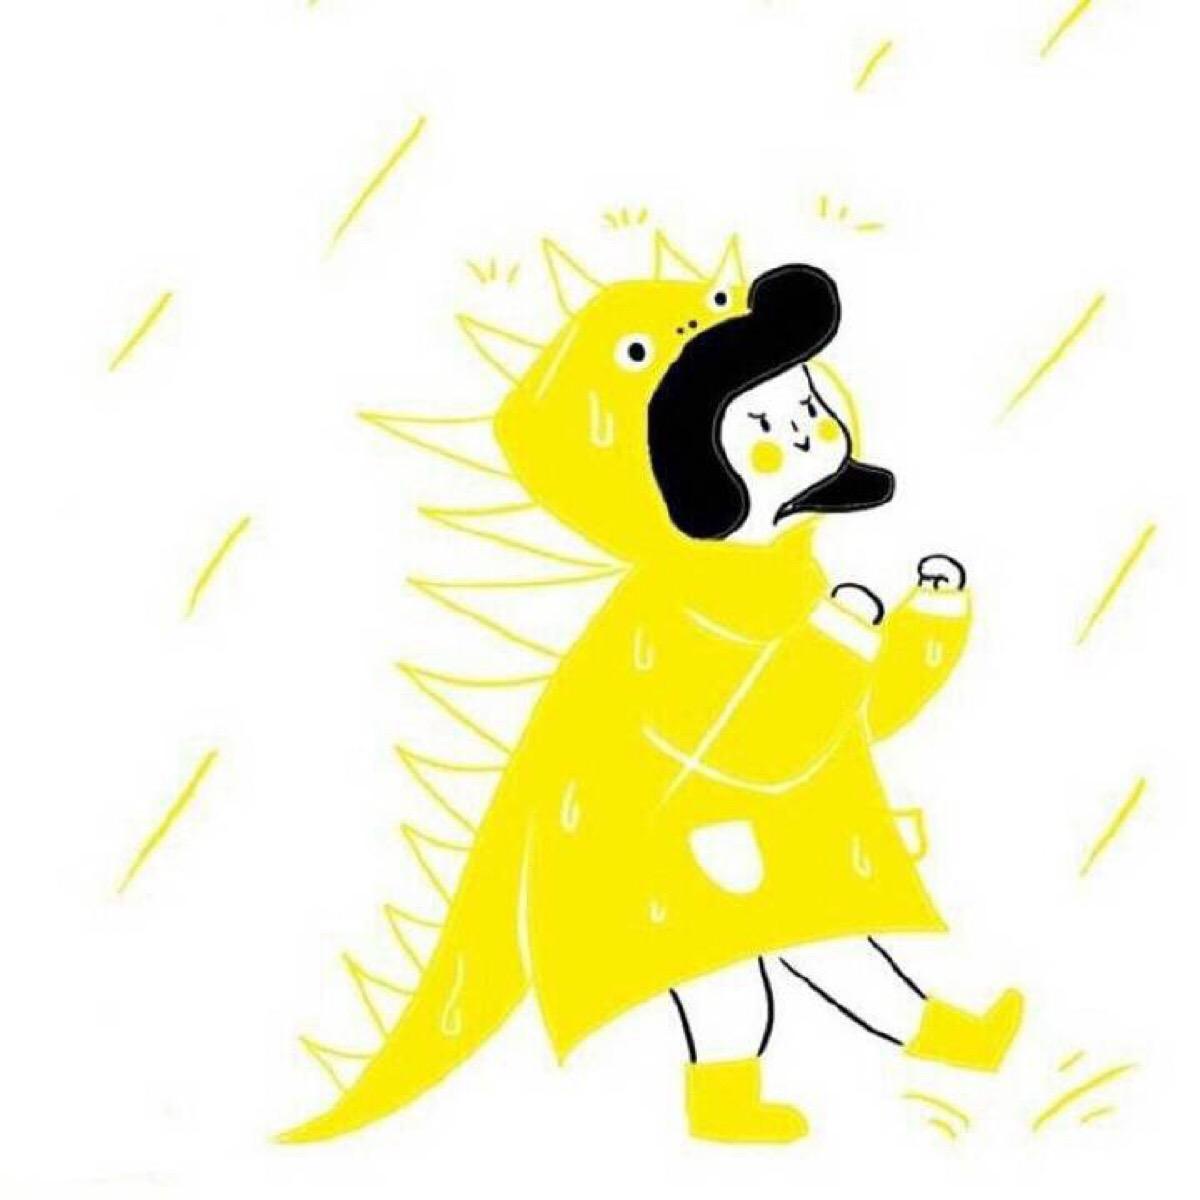 黄色手绘风格高清情侣头像